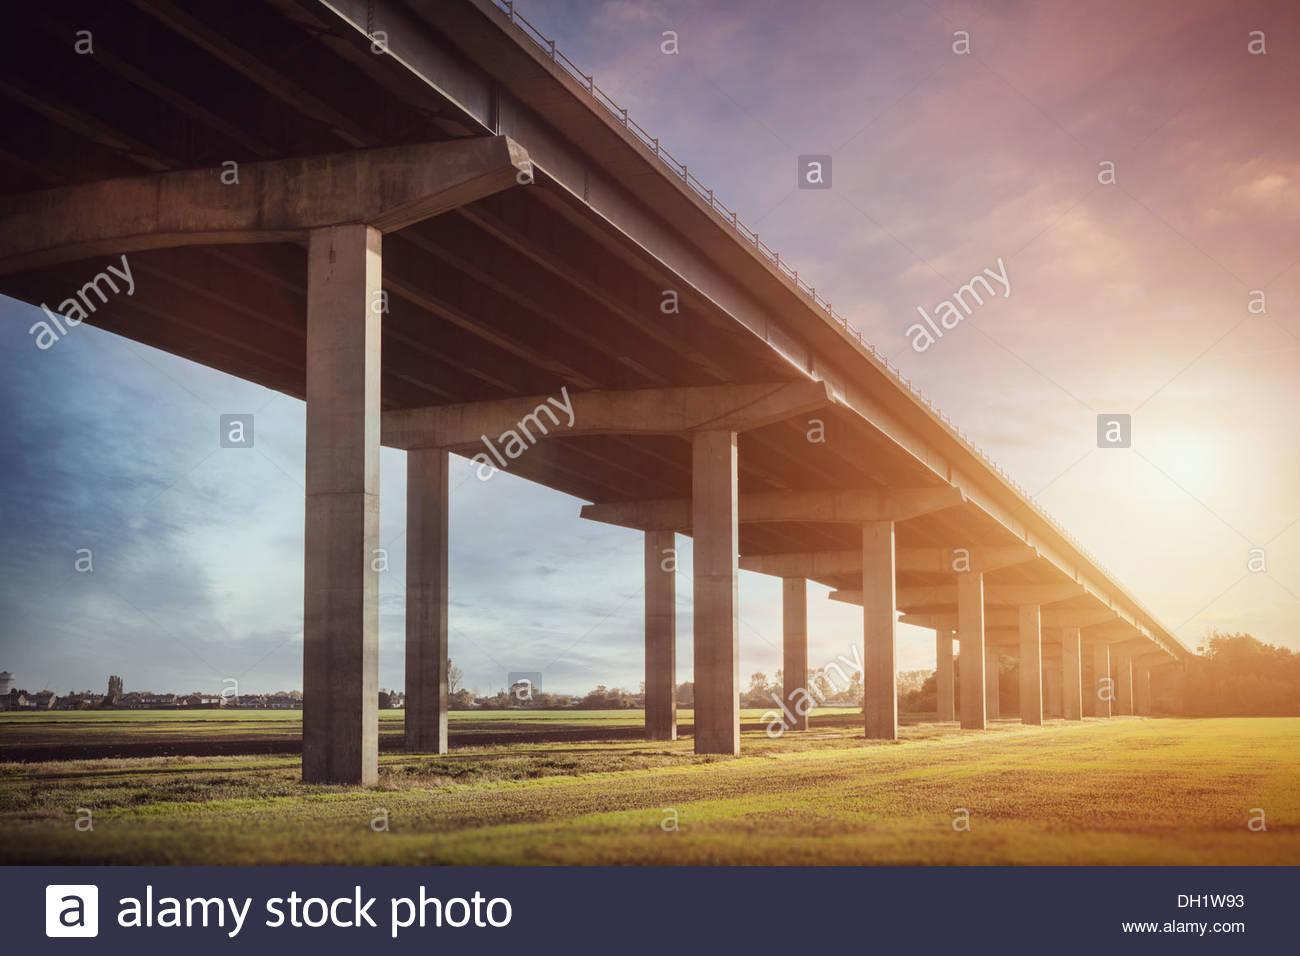 flyover bridge - Stock Image